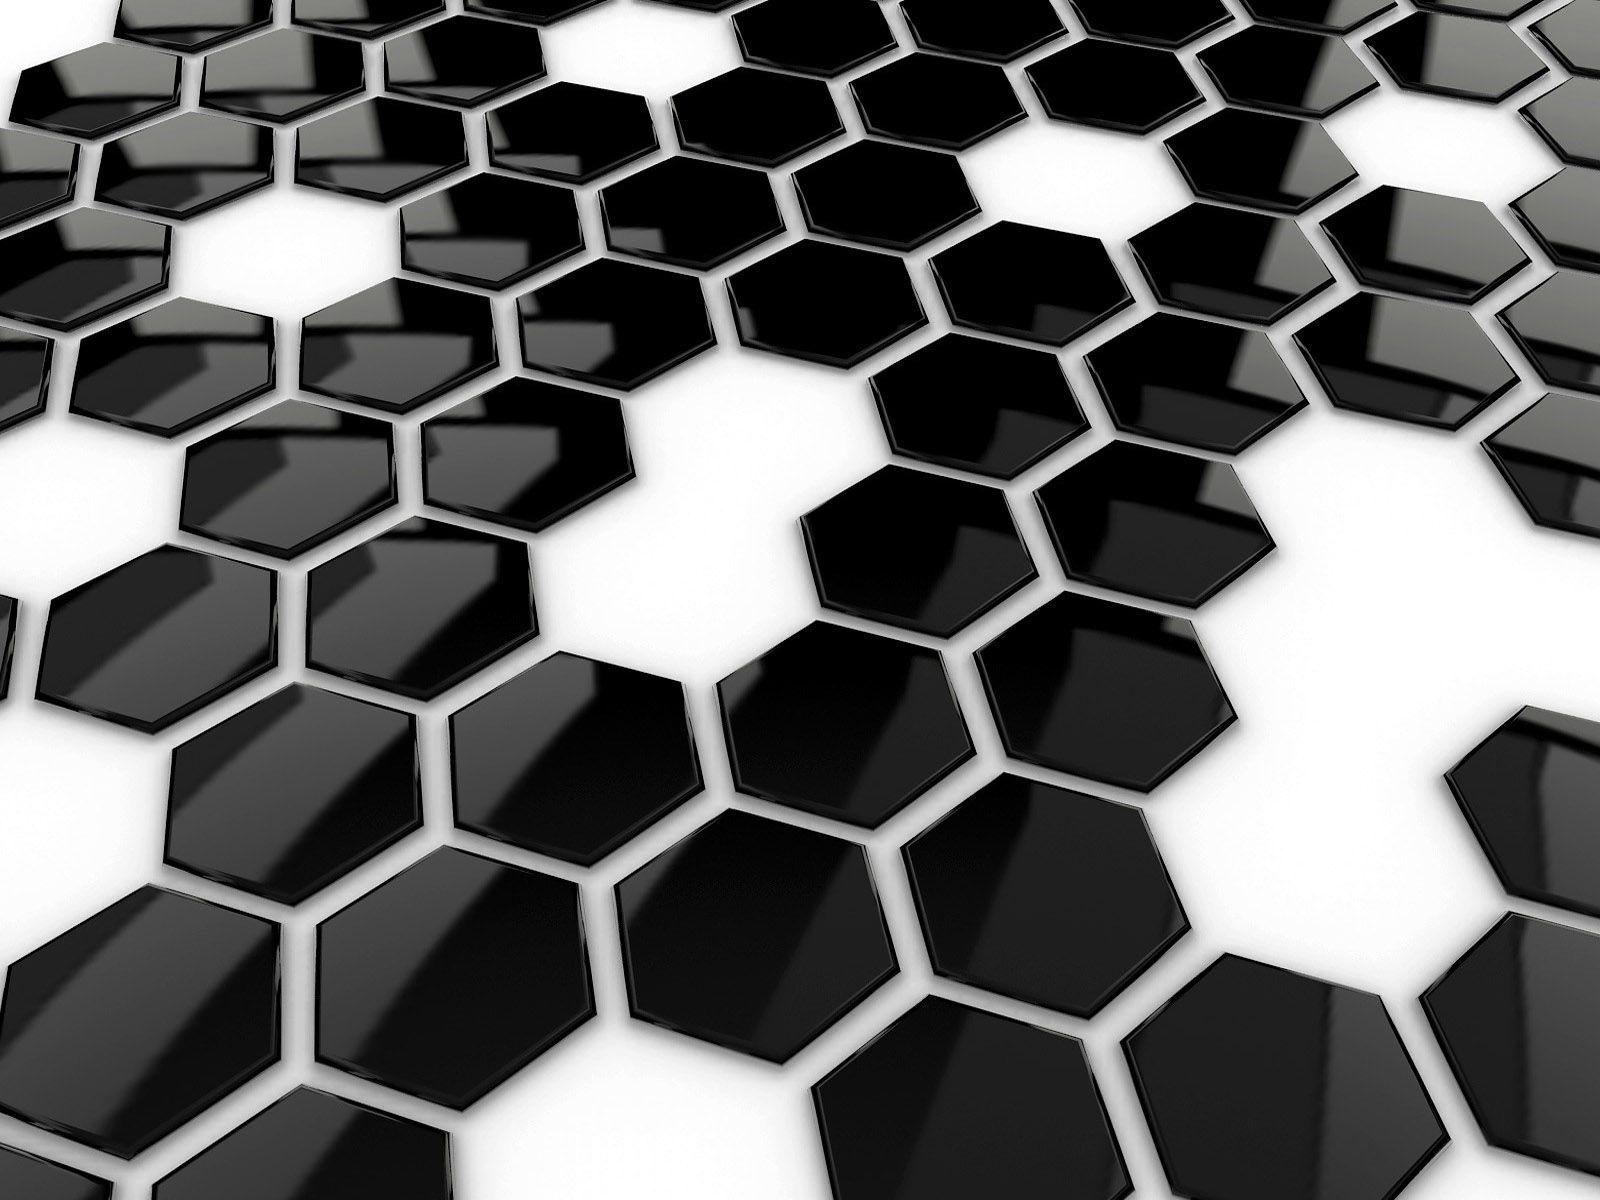 Mattonelle esagonali bianco e nero architecture graphic design